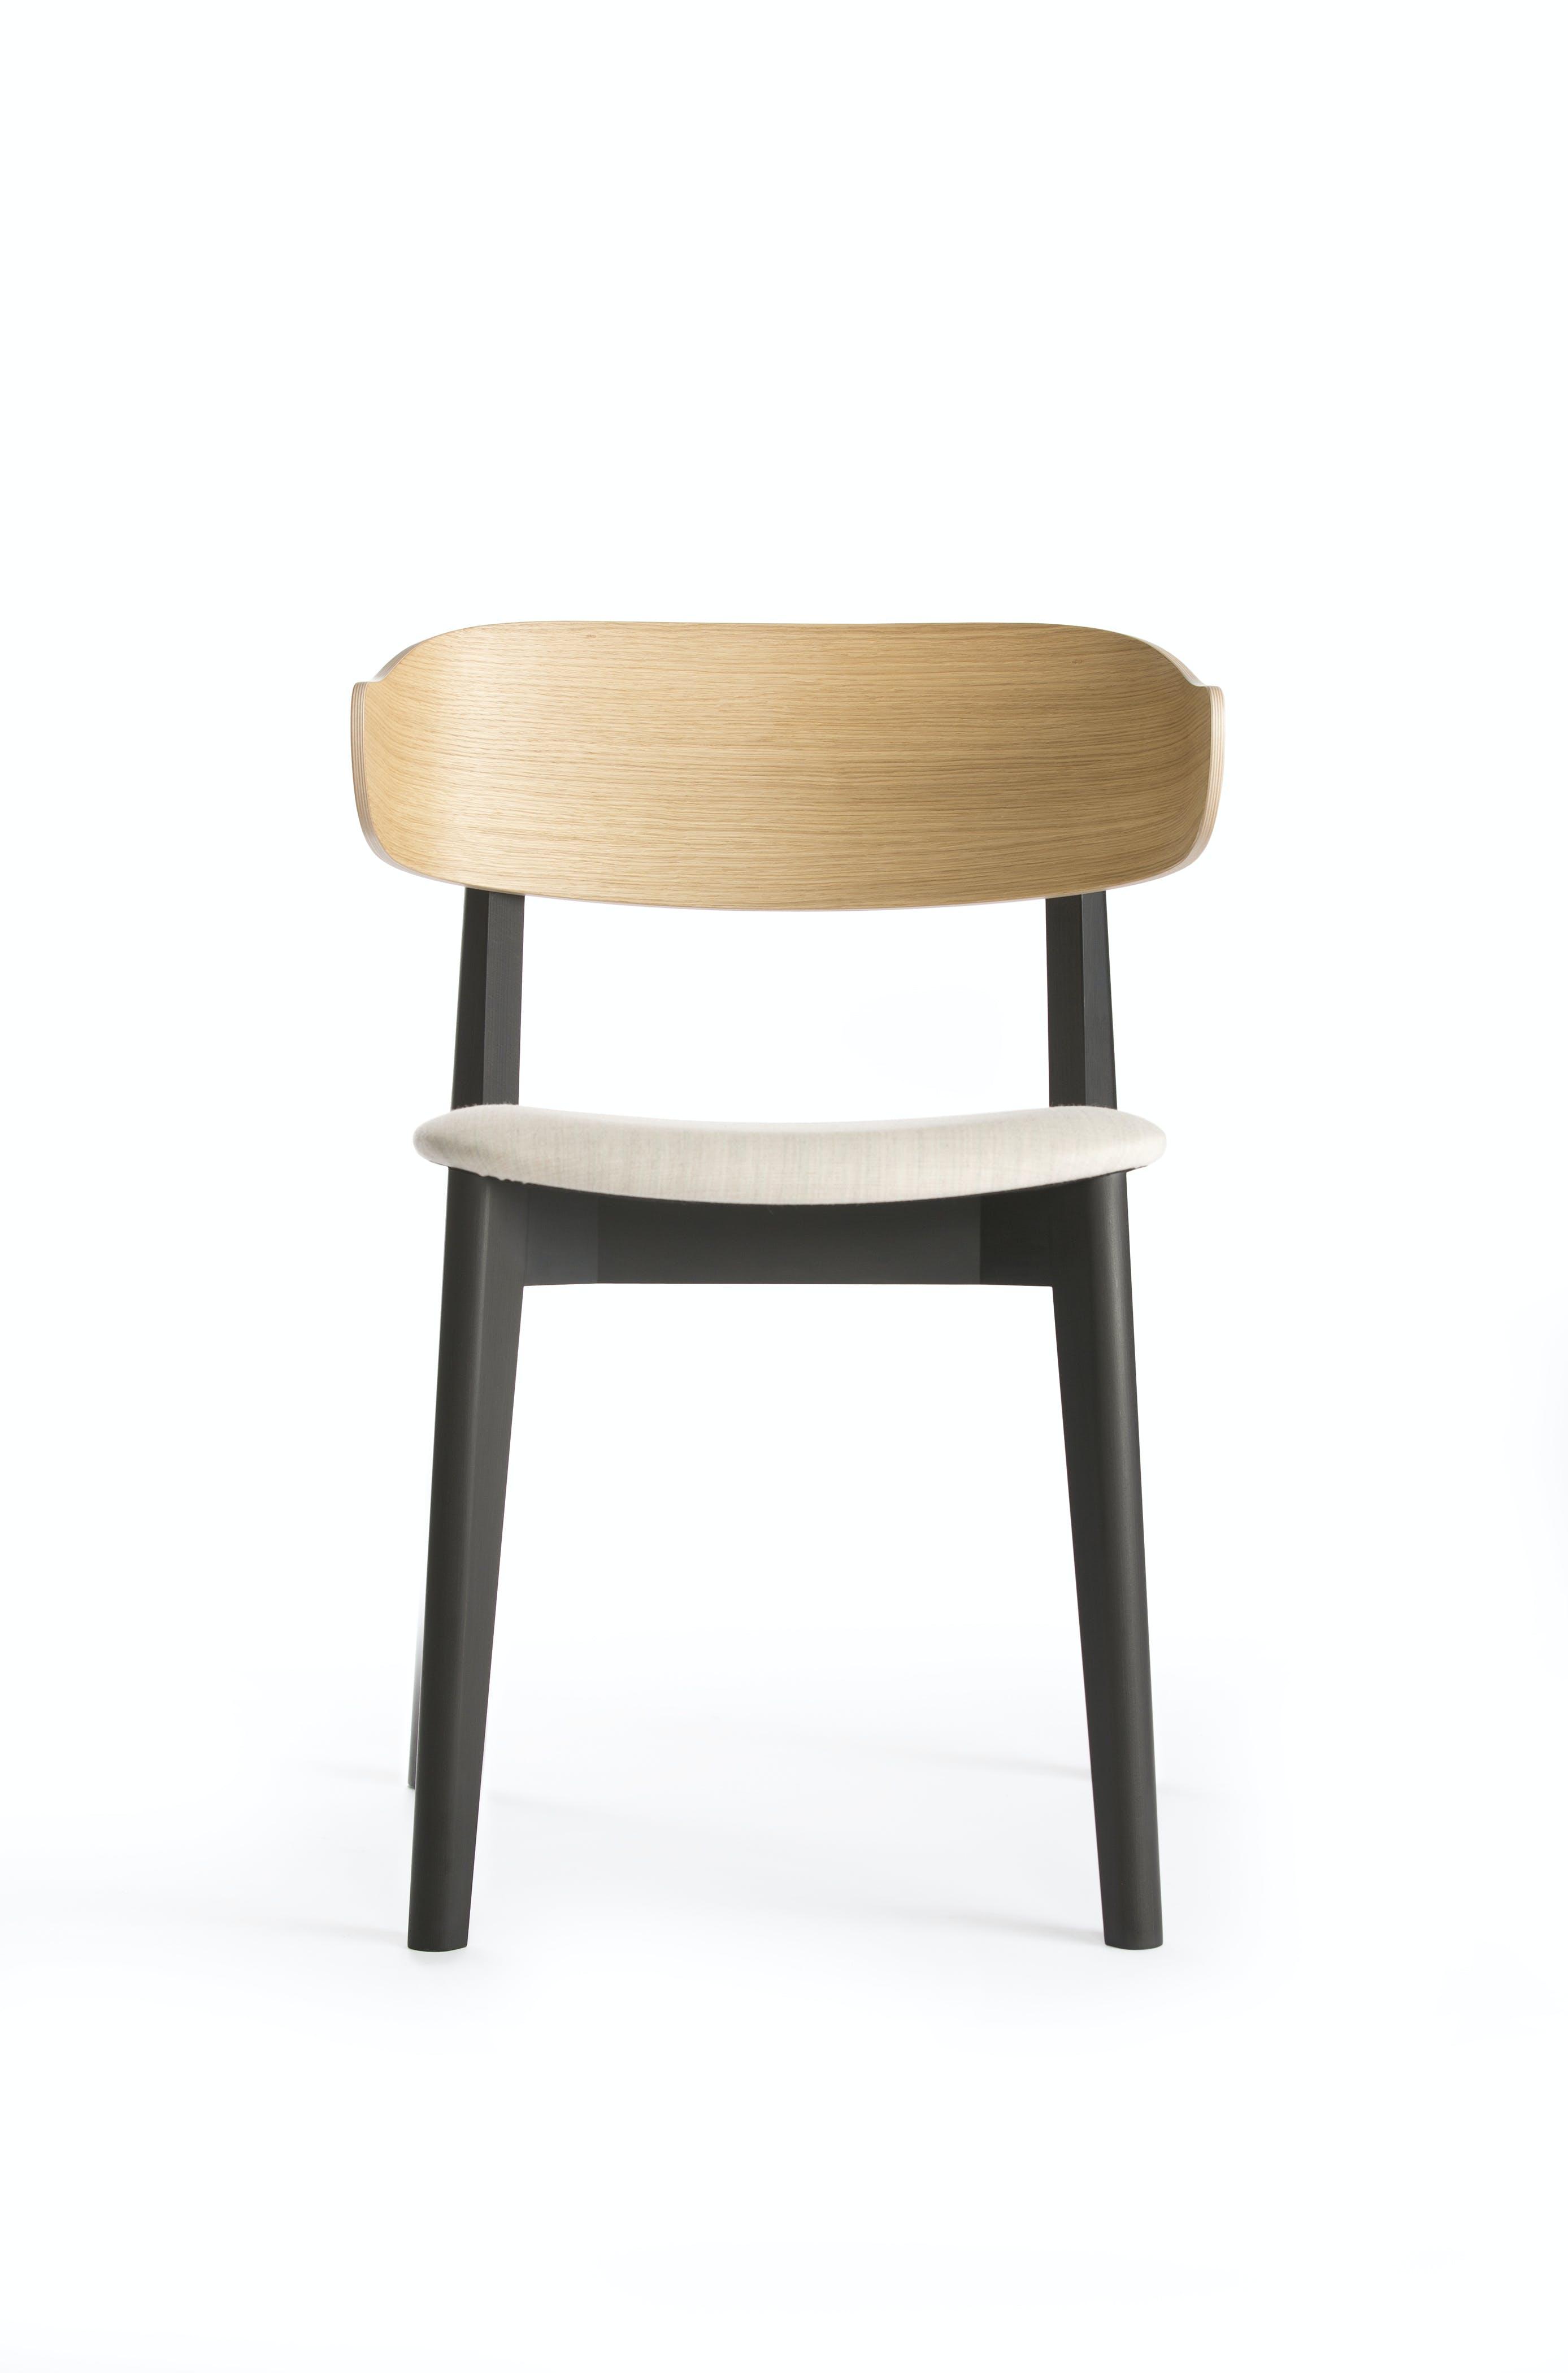 Deadgood-setter-chair-oak-and-white-front-haute-living